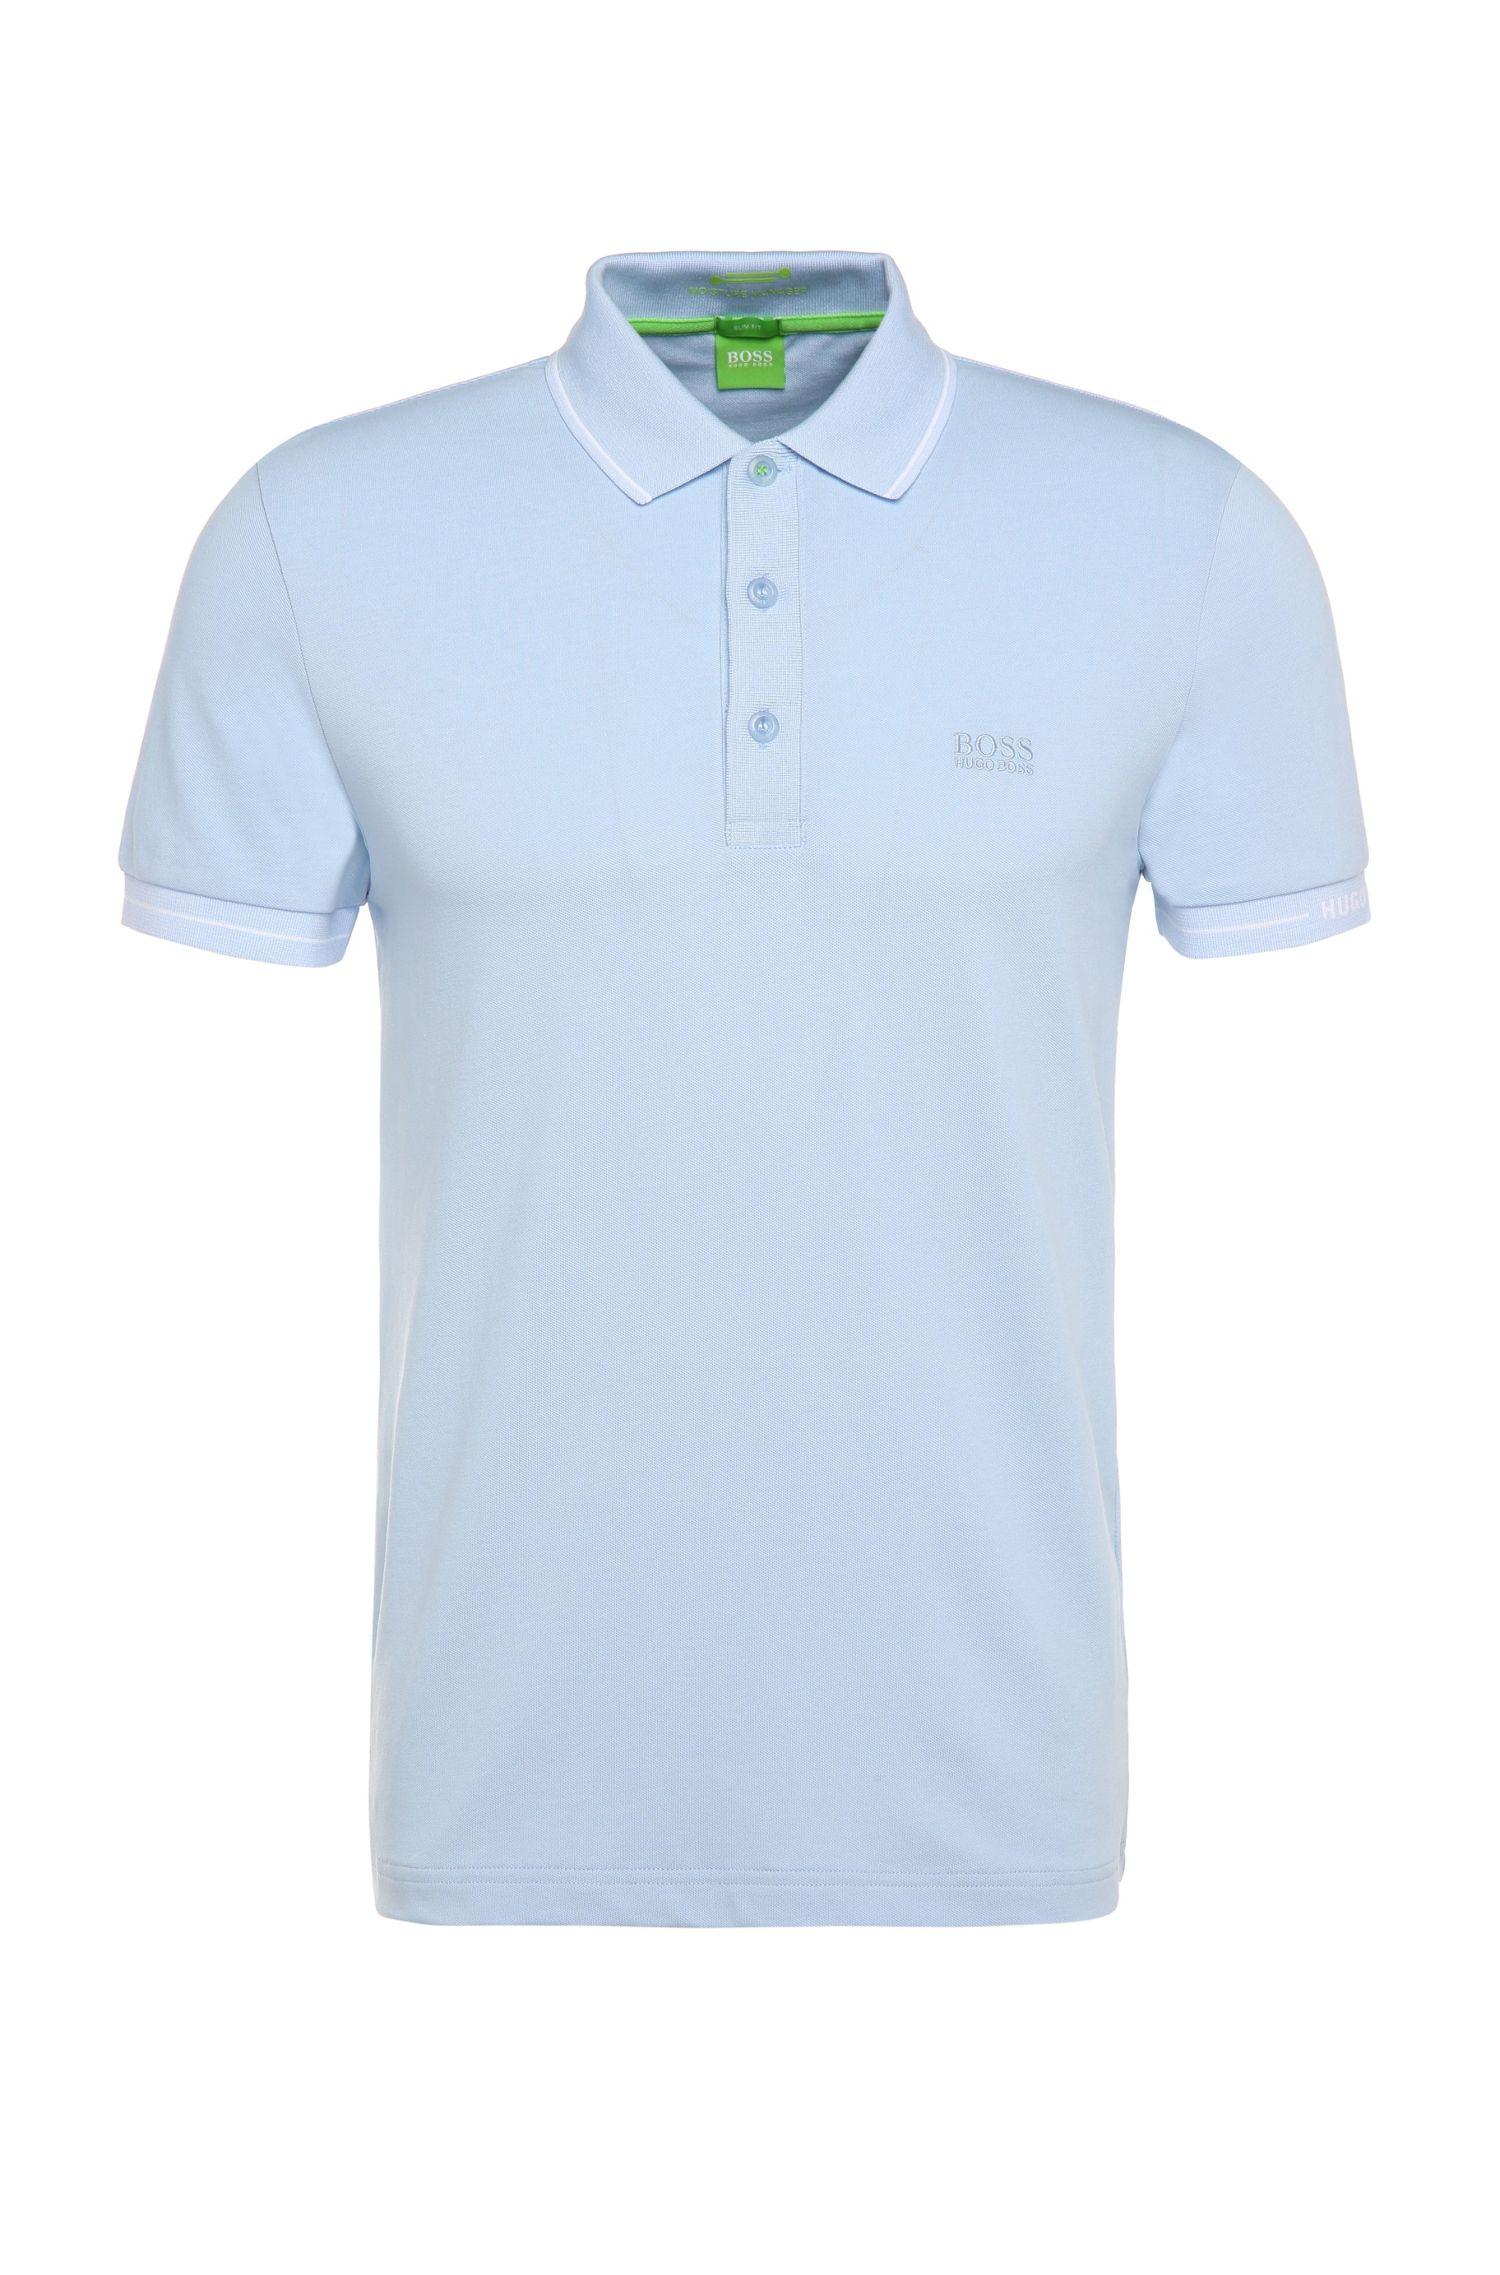 'Paule' | Slim Fit, Moisture Manager Cotton Polo Shirt